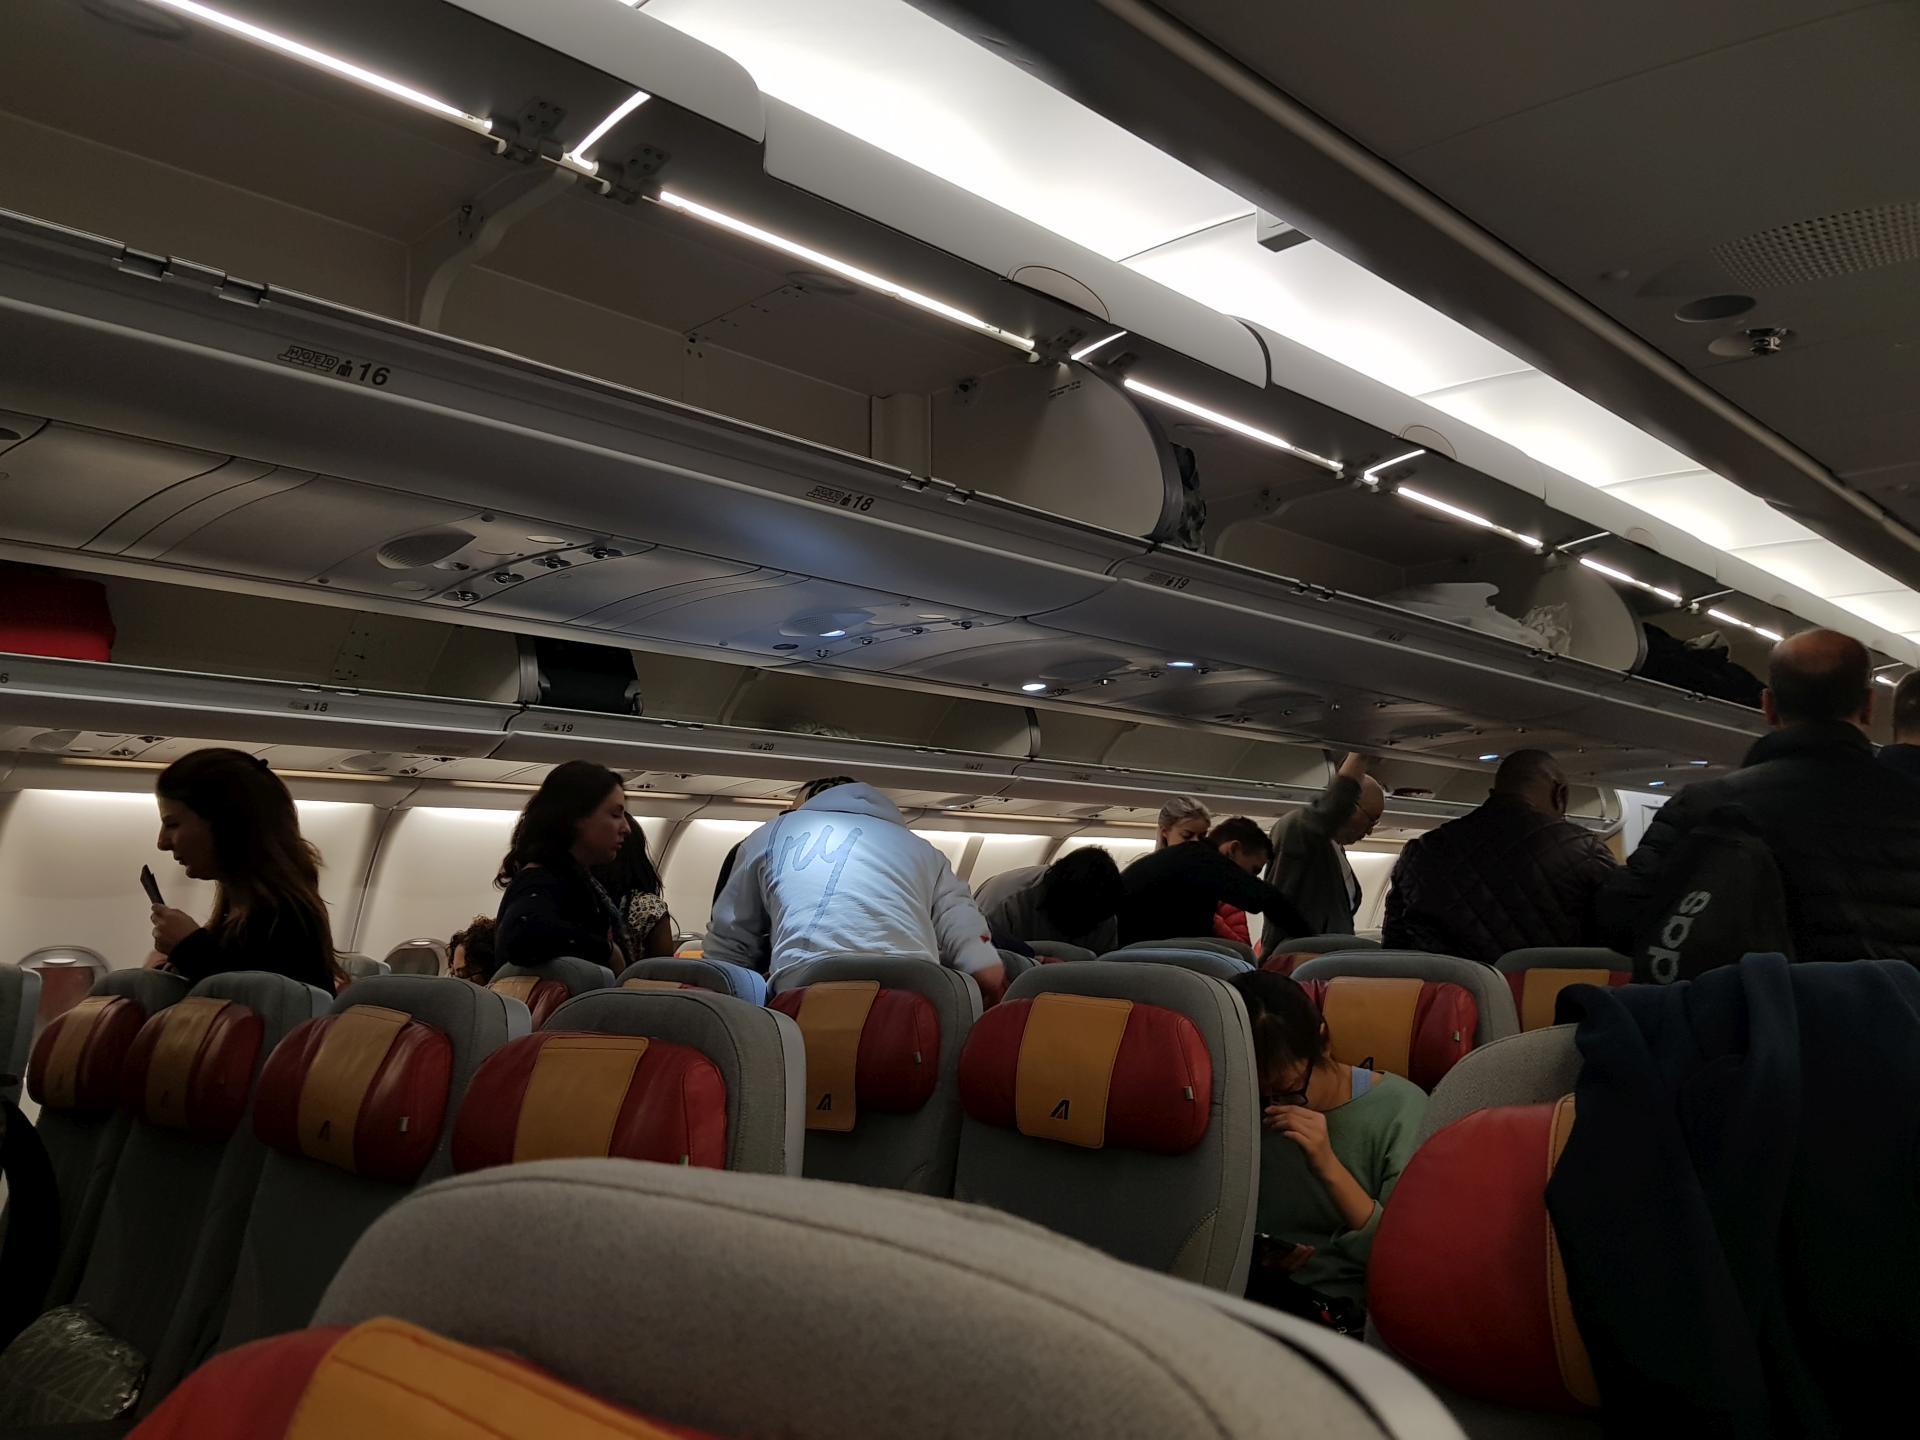 пассажиры рассаживаются по местам